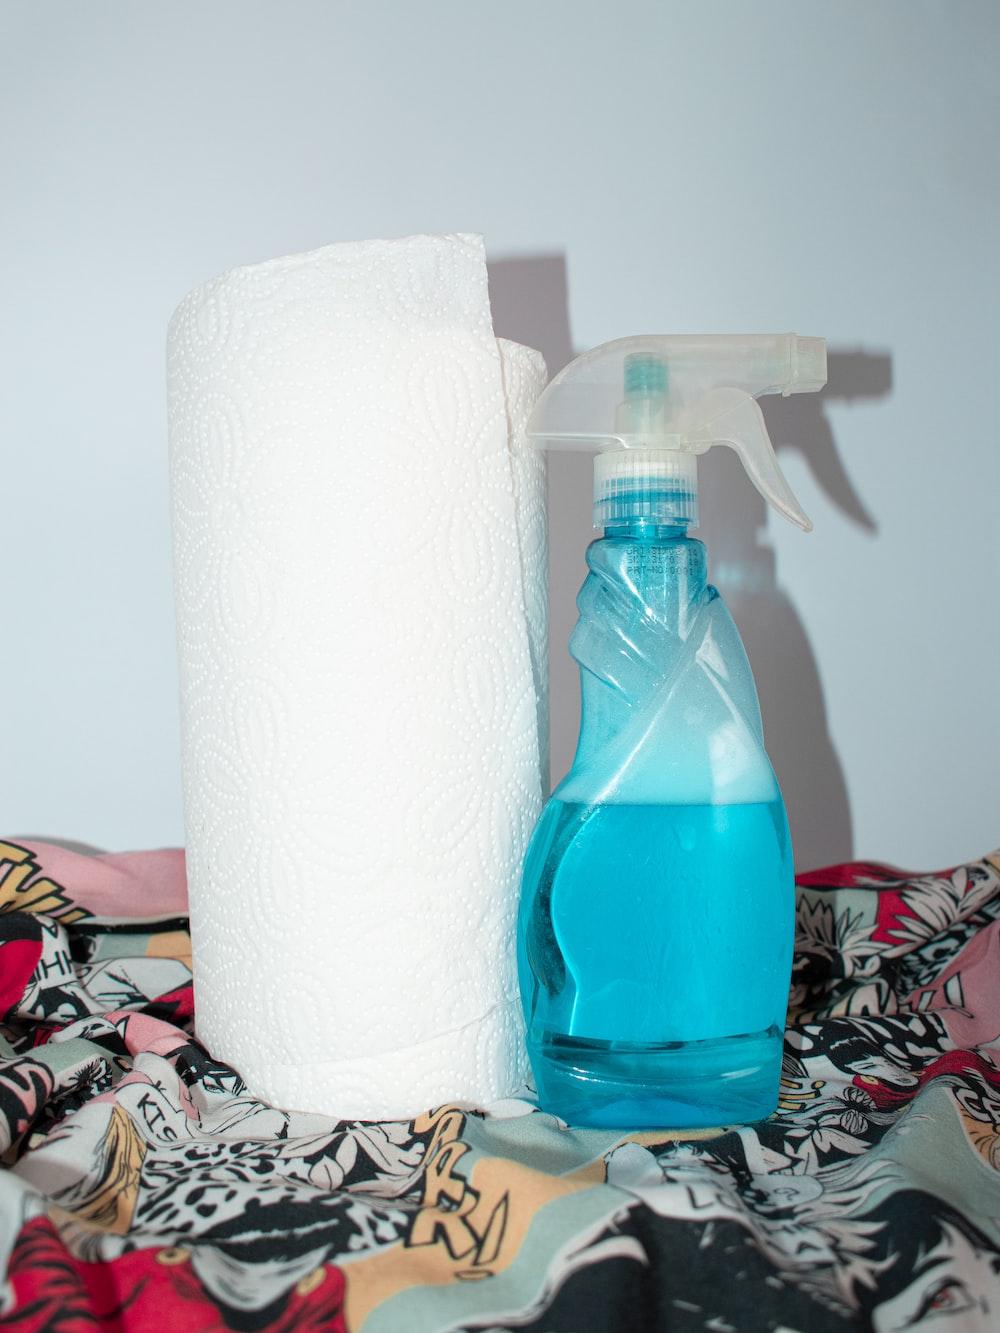 white tissue paper roll beside blue plastic bottle